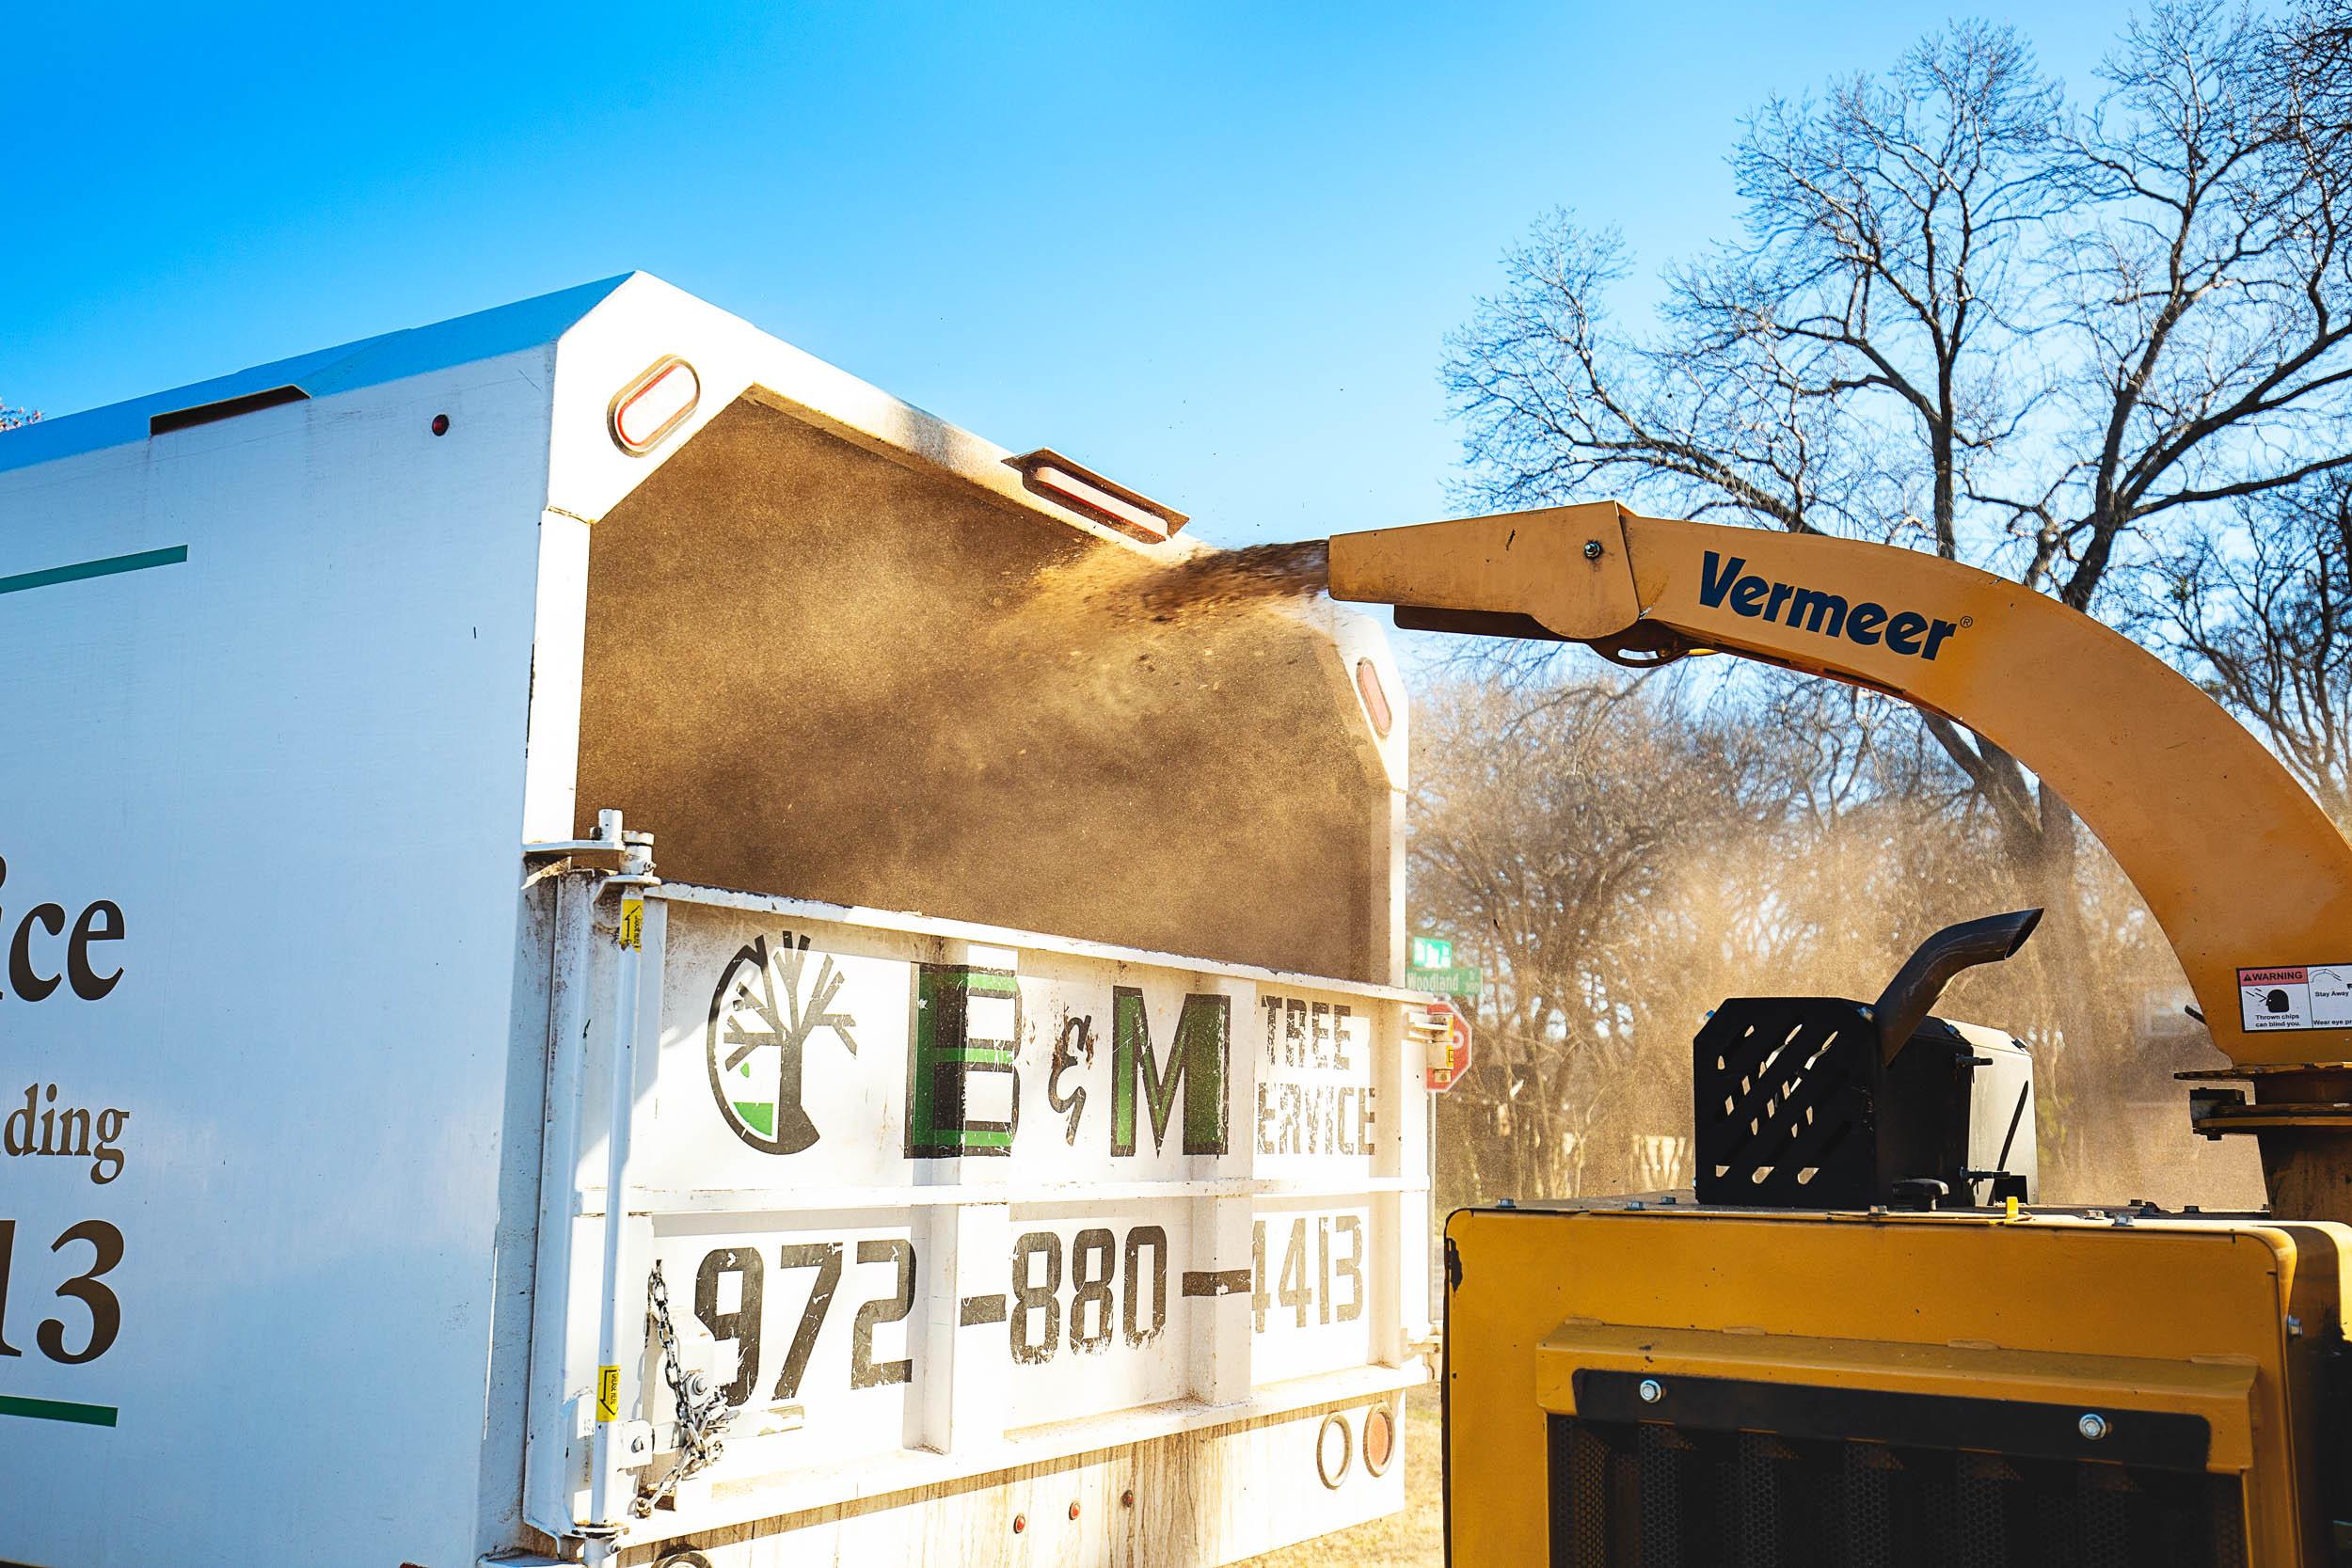 Tree Trim Service in keller Texas (26 of 49).jpg